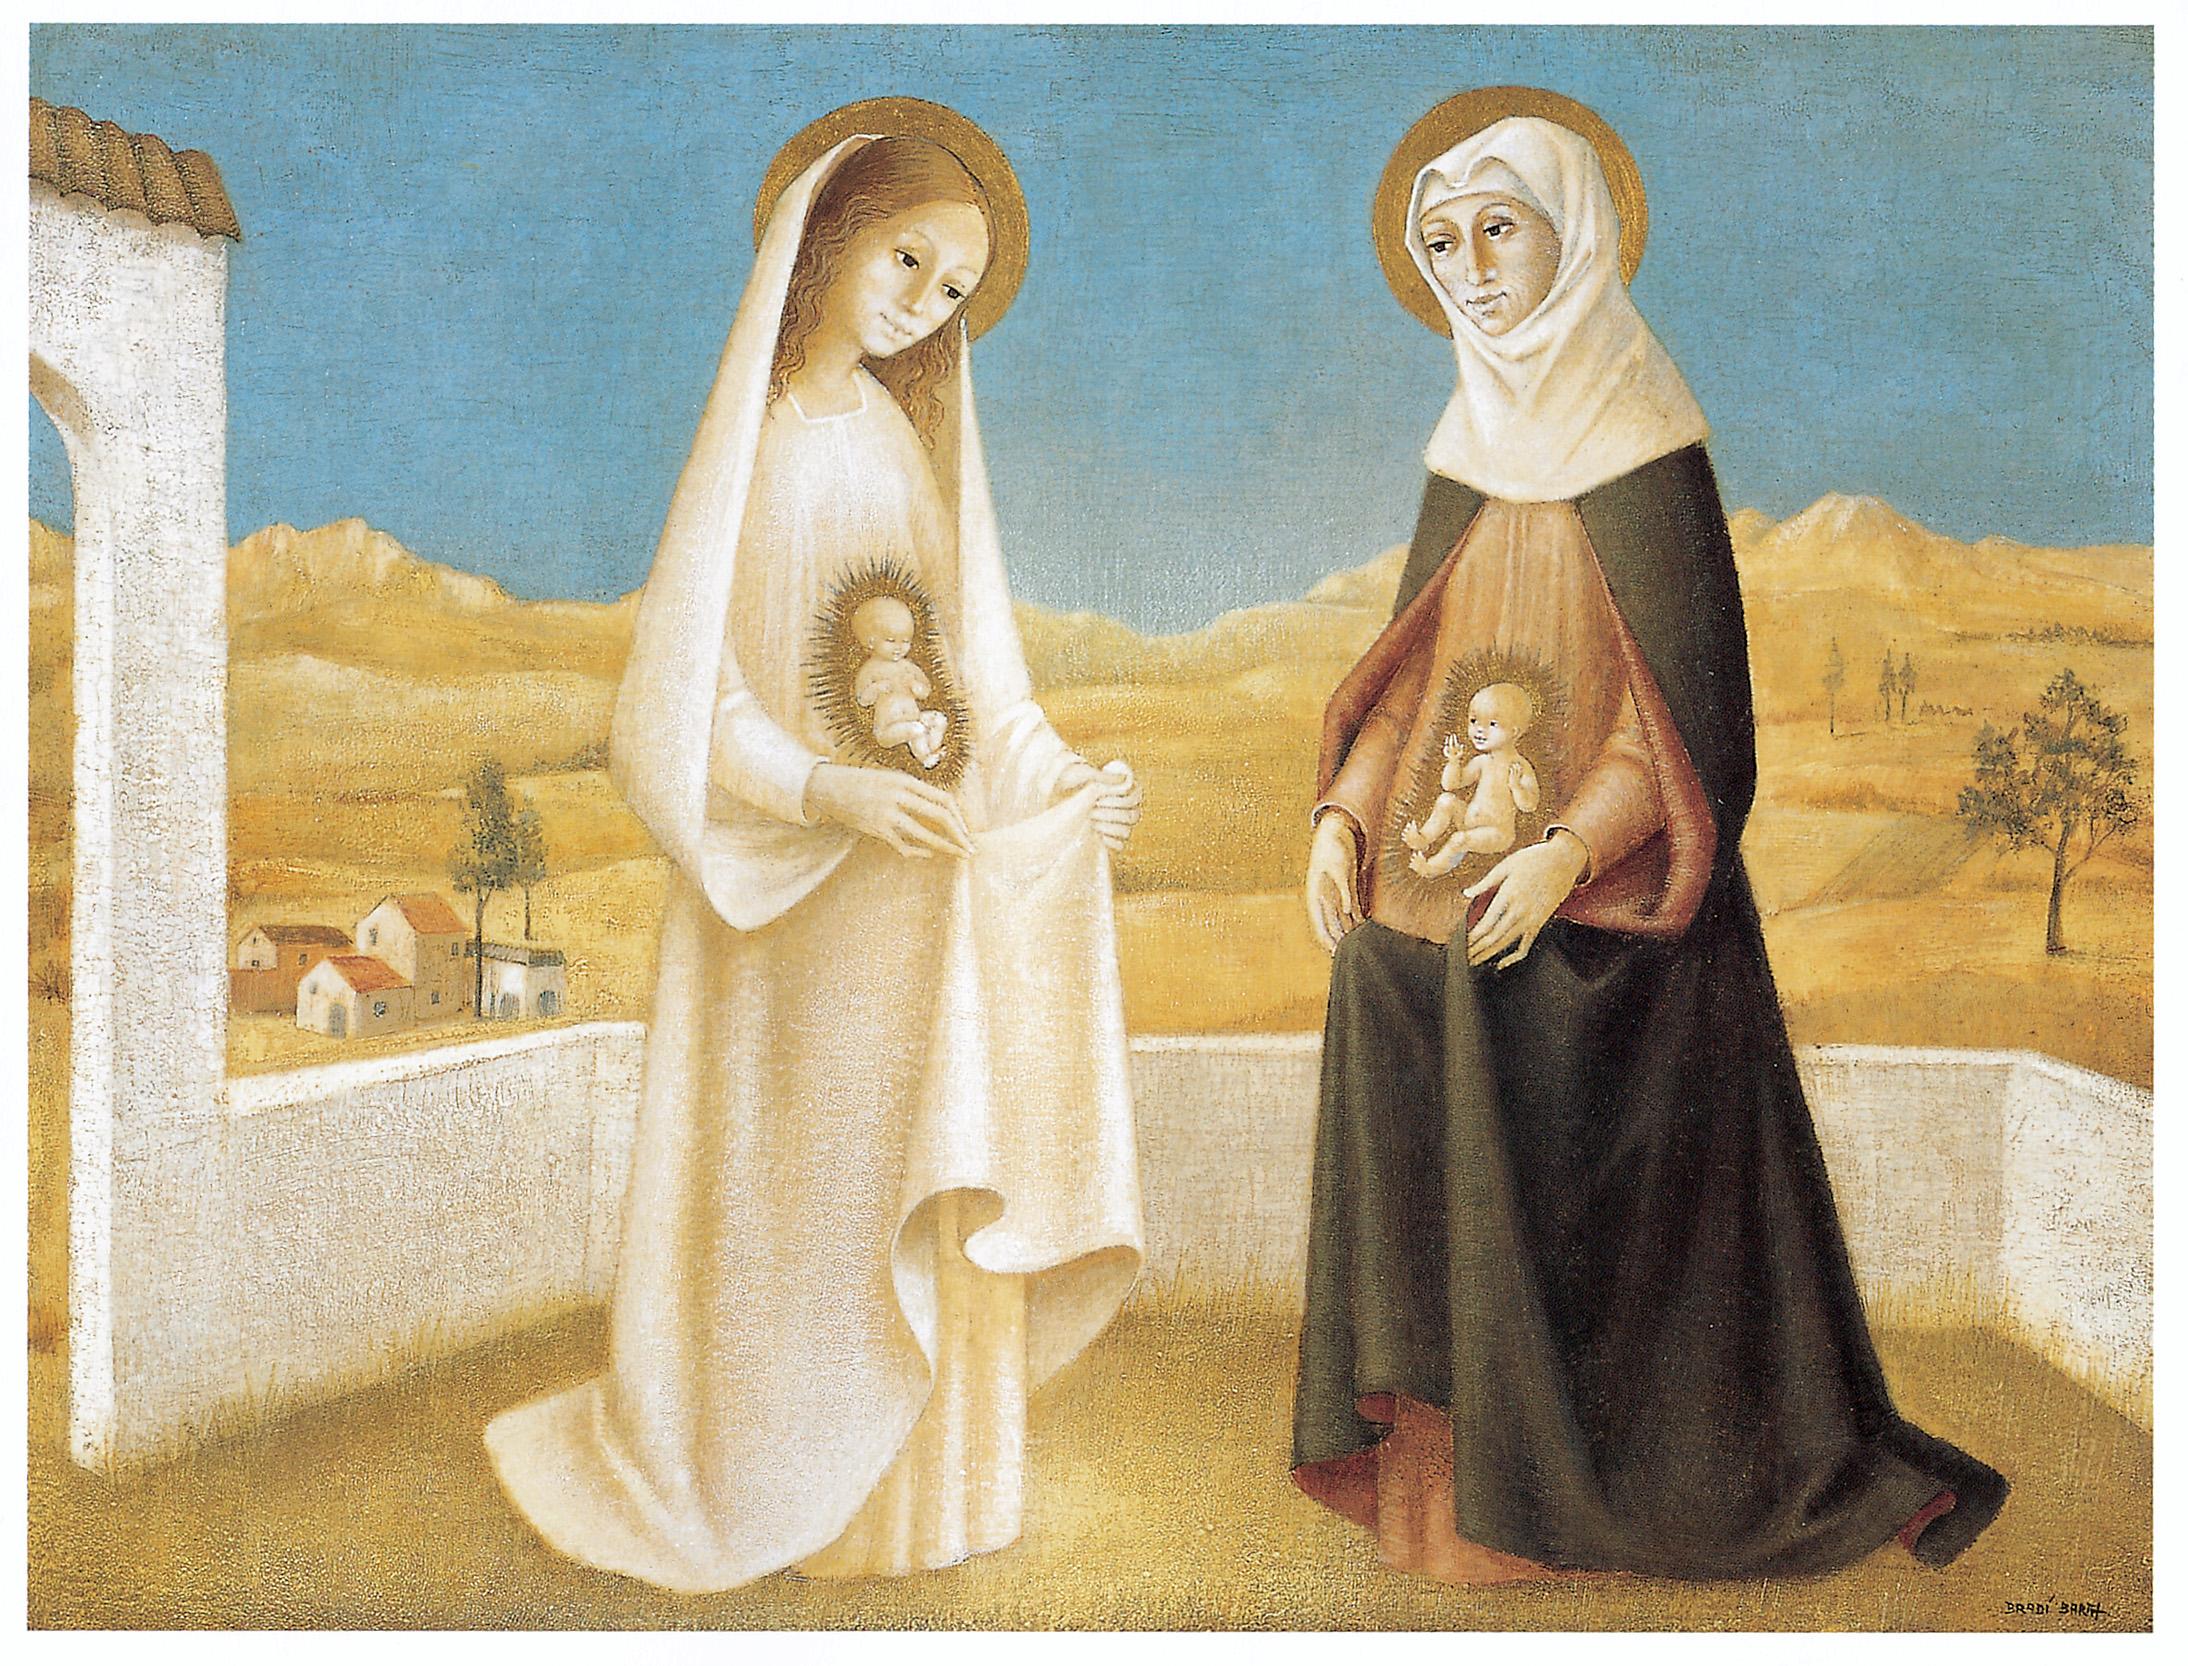 Fiesta de la Visitación de María, 1º encuentro de Jesucristo y su Precursor (31 may, 2 jul)